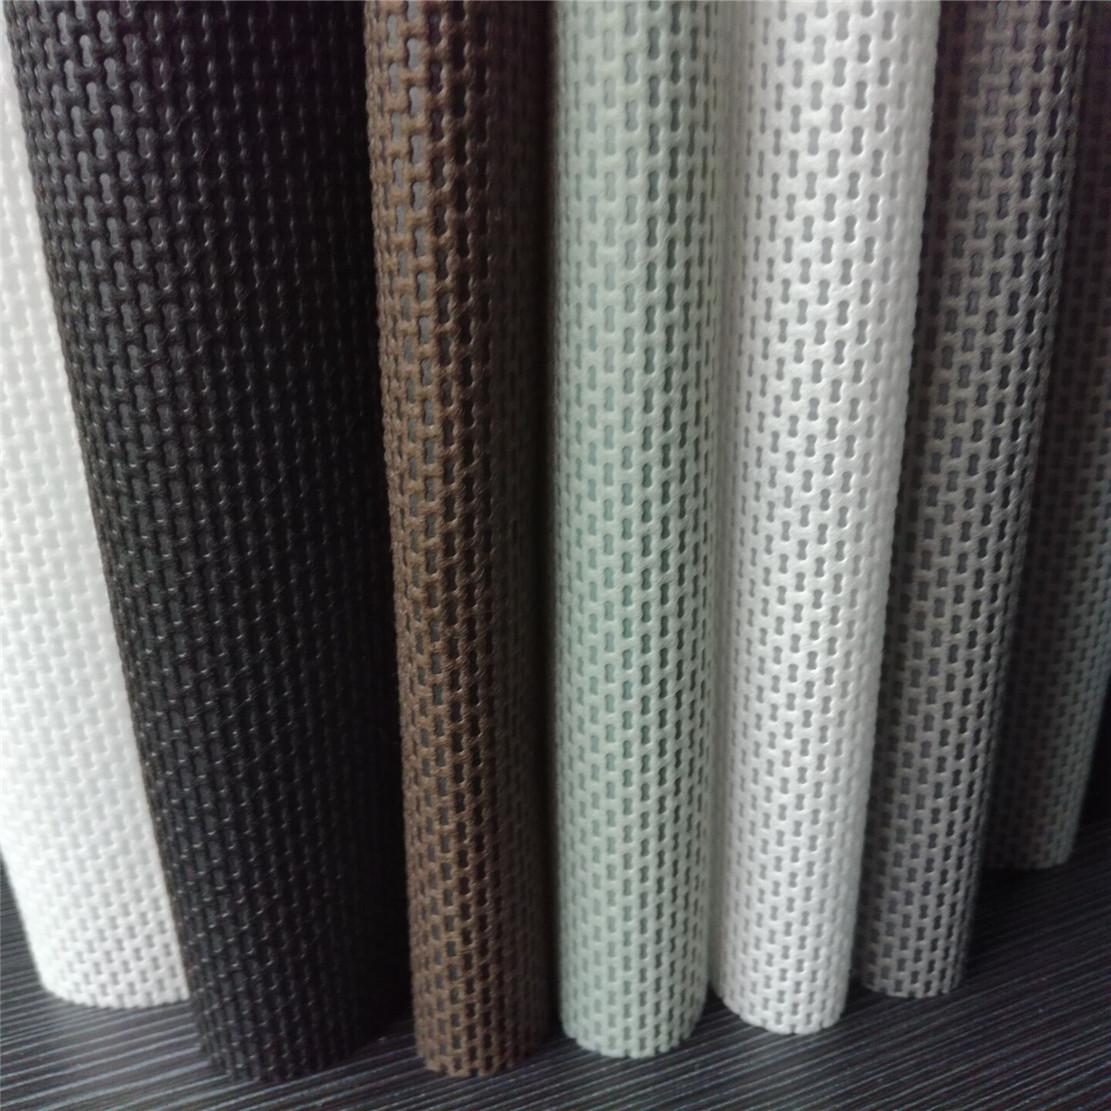 25m / rolo não tecido spunbond / agricultura não tecida abrange tecido 30-100gsm para tecidos não tecidos de plantas daninhas tampas / uv tratar